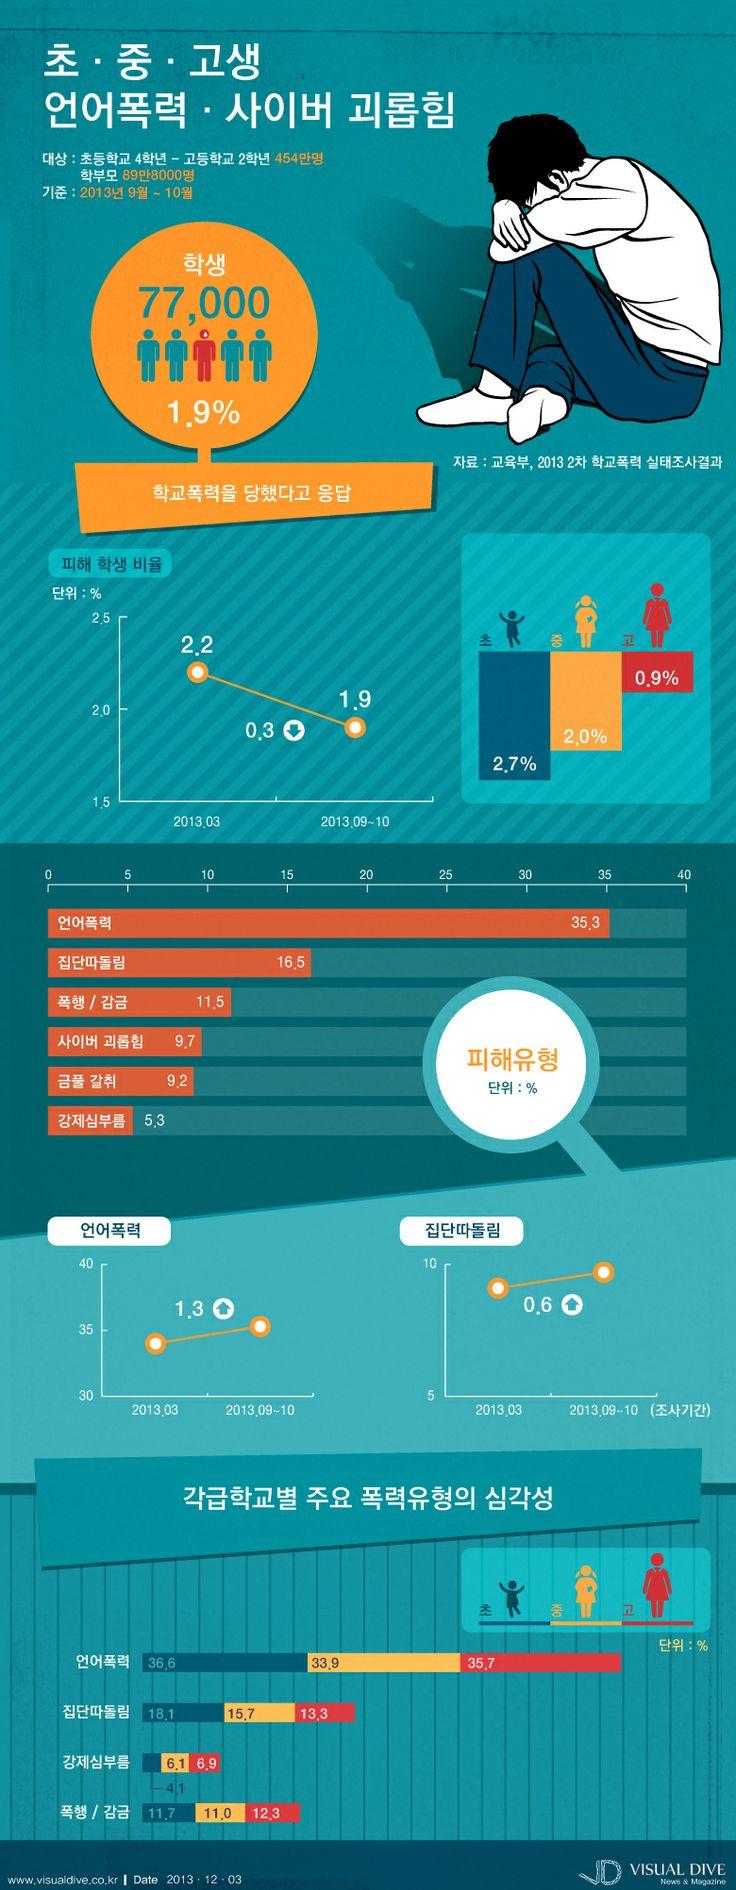 """[인포그래픽] 학교폭력, 어릴수록 피해 비율 높아…초 > 중 > 고 #schoolviolence / #Infographic"""" ⓒ 비주얼다이브 무단 복사·전재·재배포 금지"""